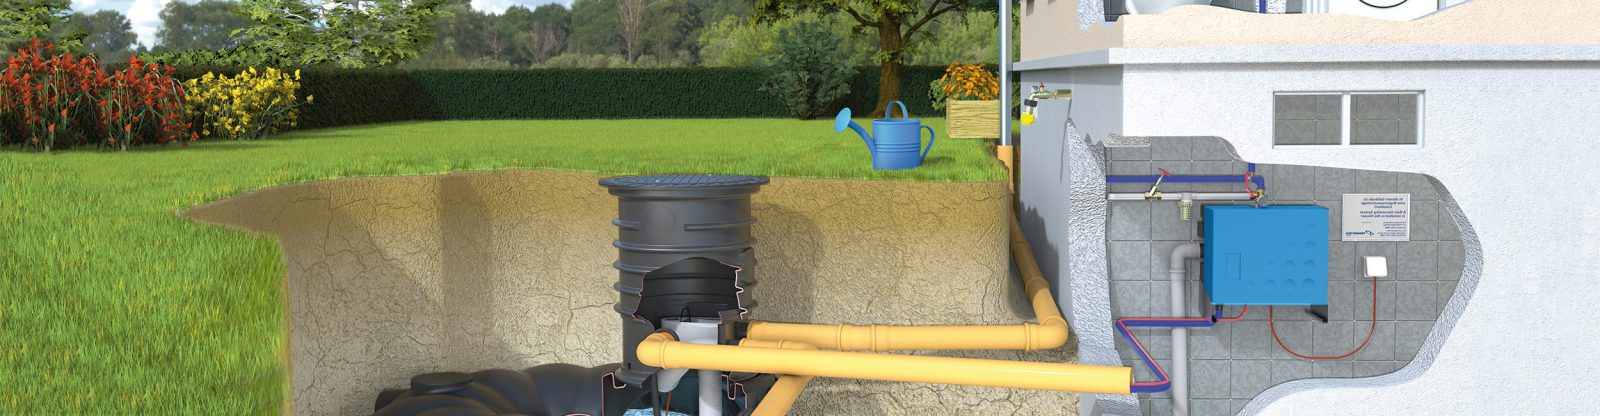 kleiner befahrbarer regenwasser flachtank